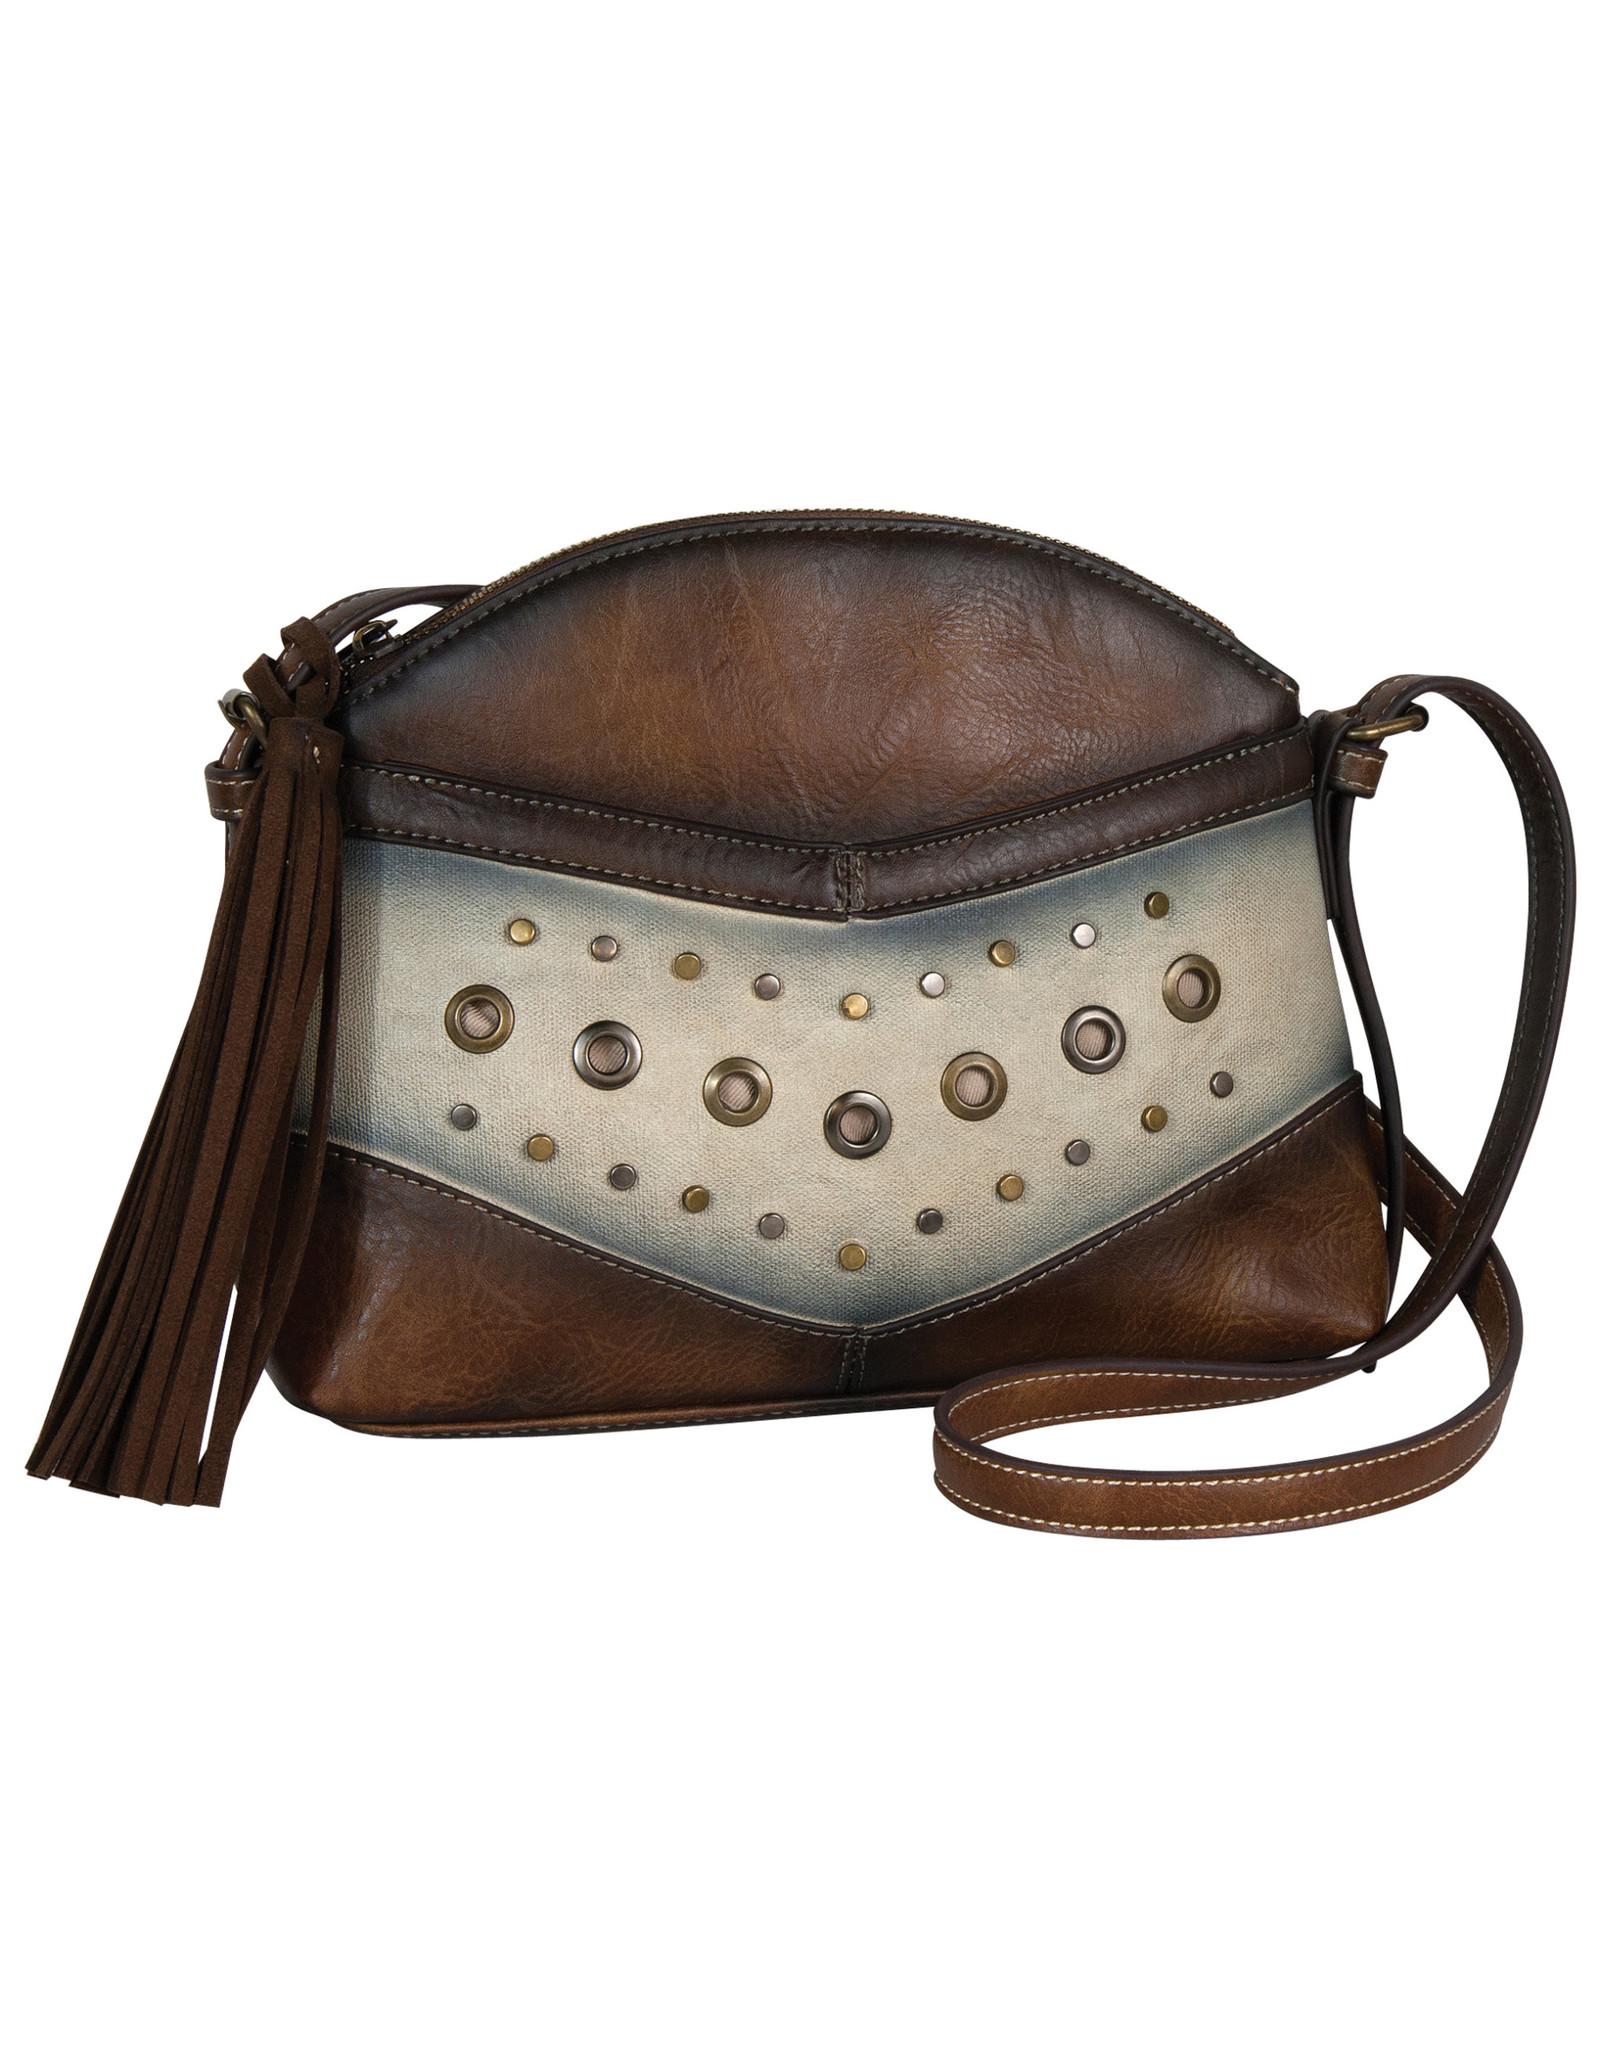 Catchfly 2002617 Catchfly Allie Shoulder Bag - Dark Tan